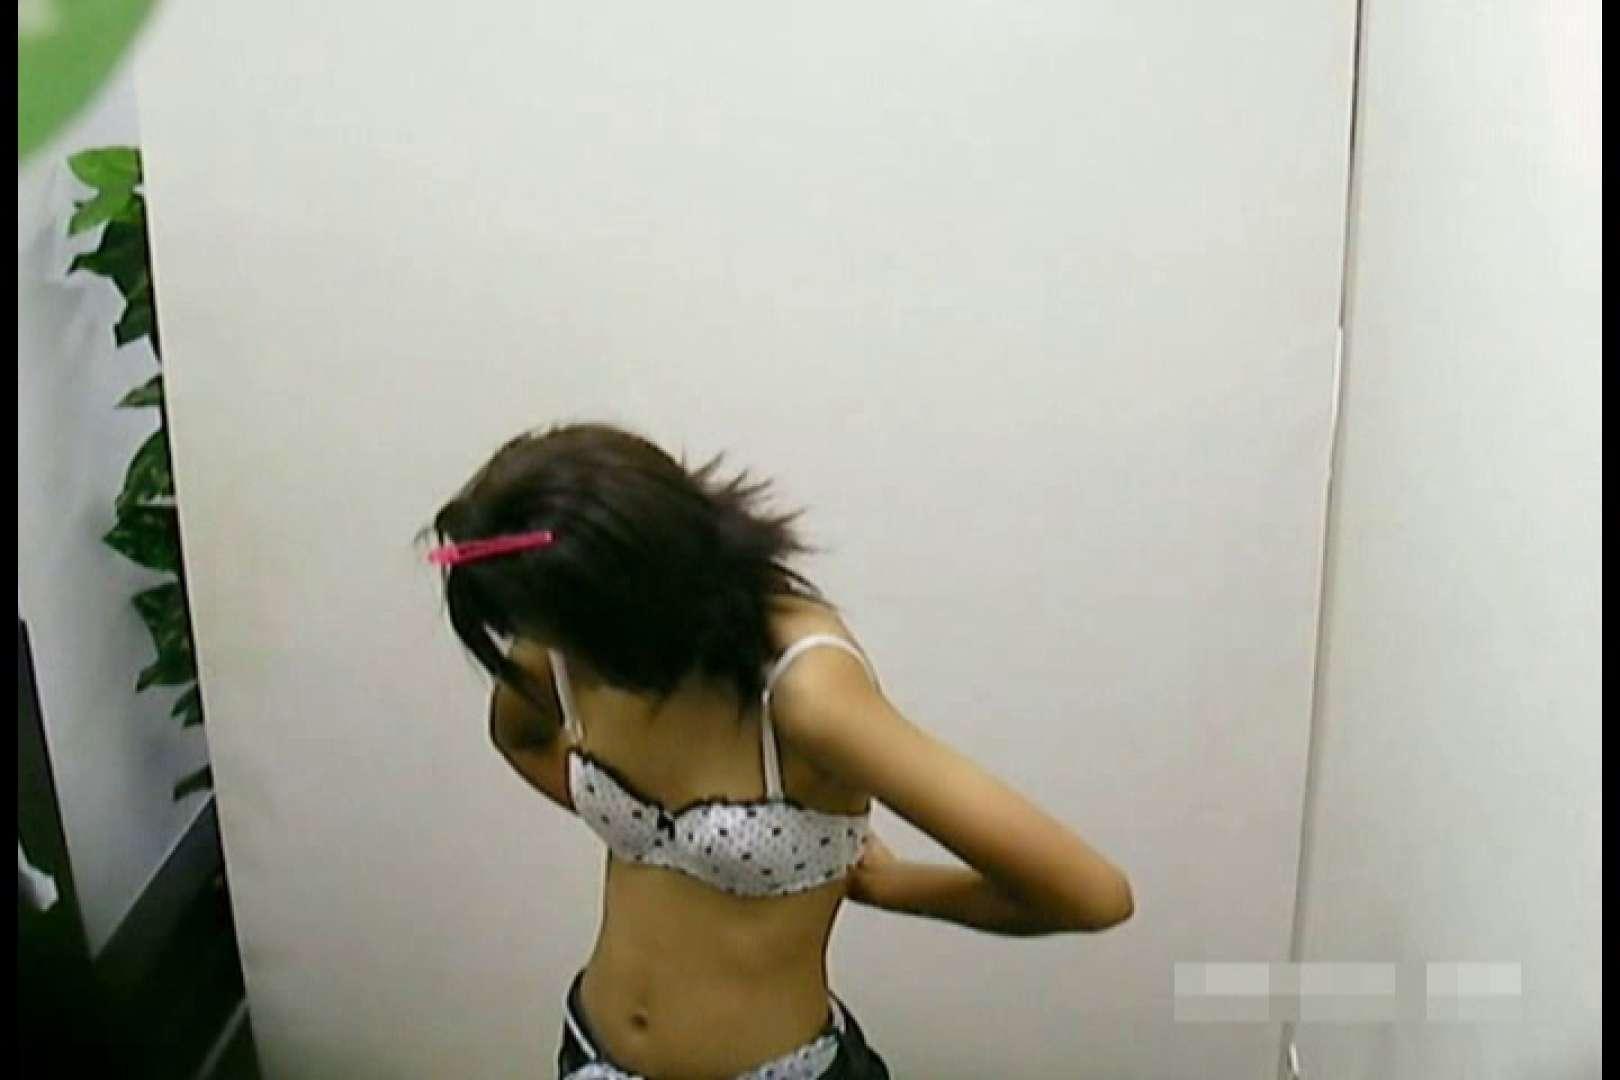 素人撮影 下着だけの撮影のはずが・・・エミちゃん18歳 素人 | おっぱい  55pic 49